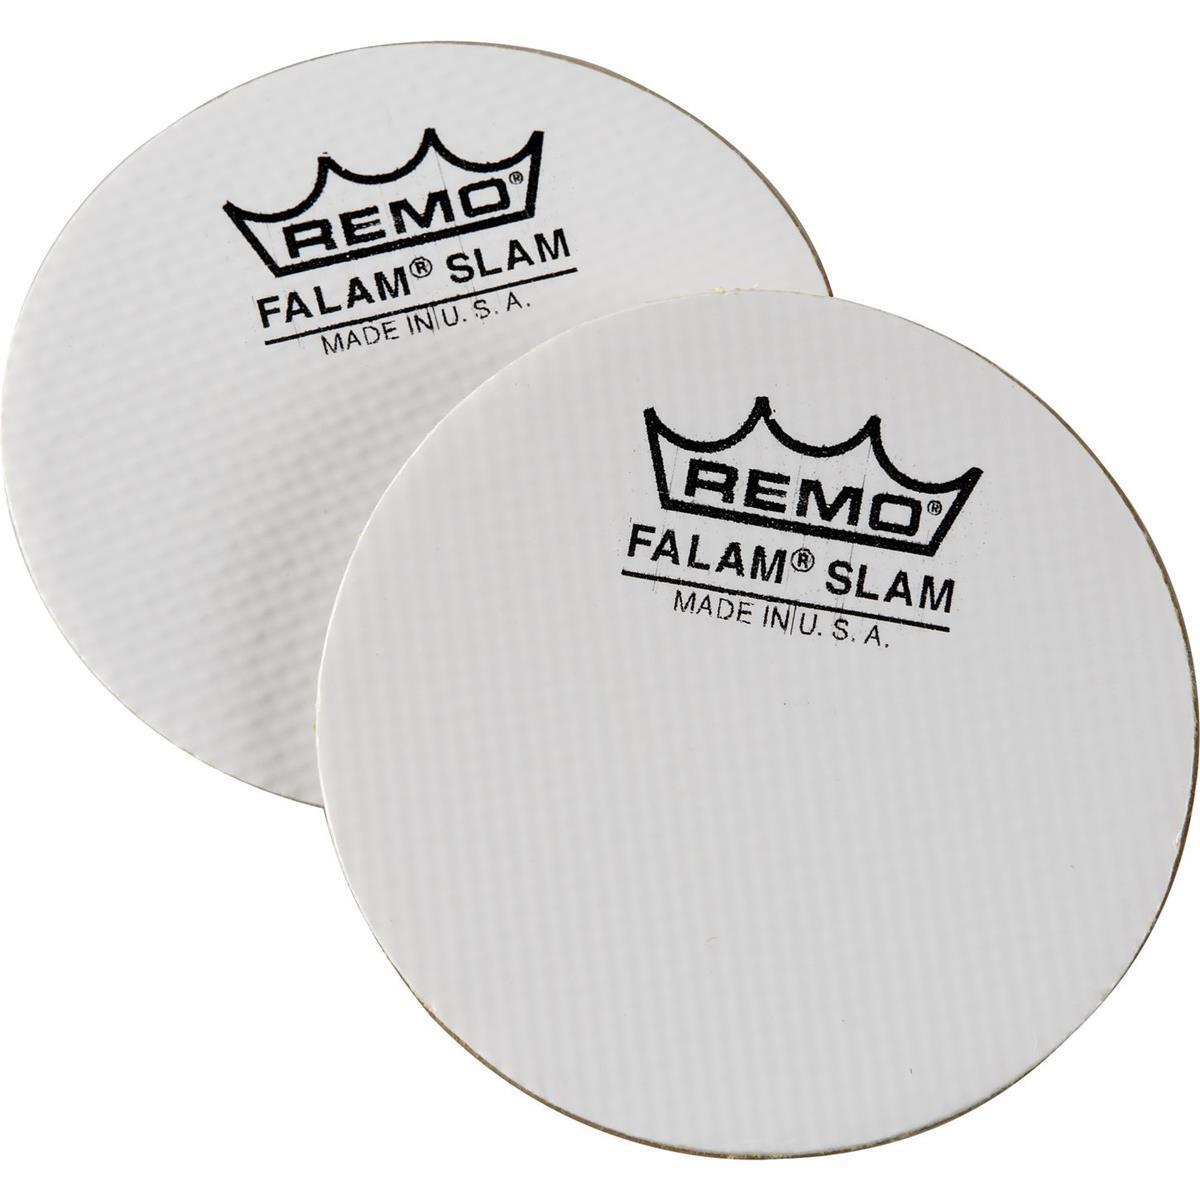 REMO-PAD-FALAM-SLAM-DOPPIO-BATTENTE-sku-1822